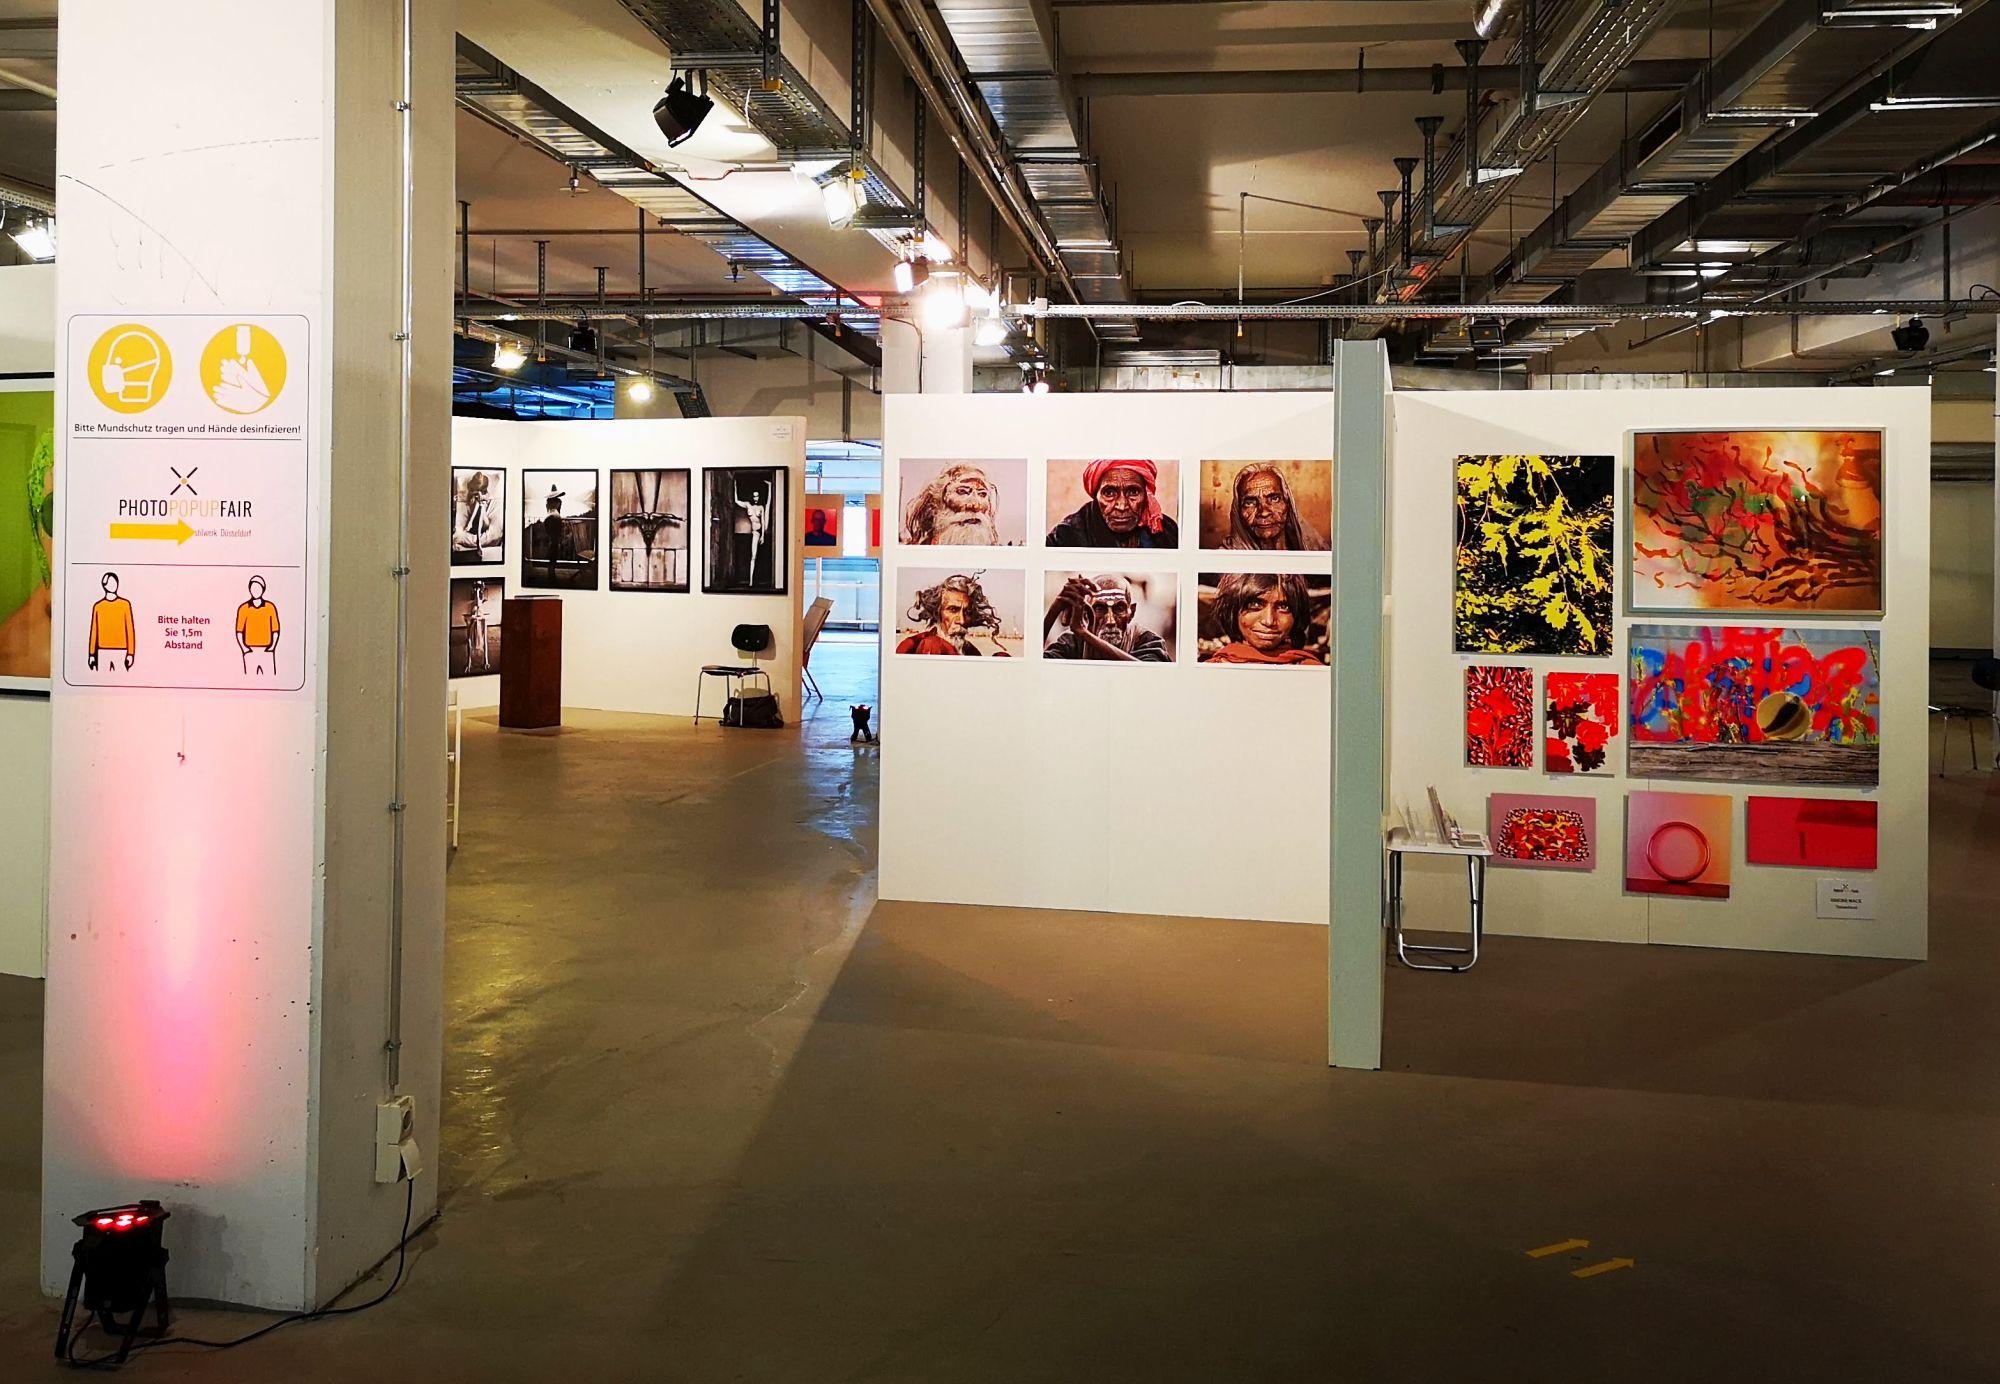 Photo Popup Fair #7: So sieht's aus (Foto: TD)